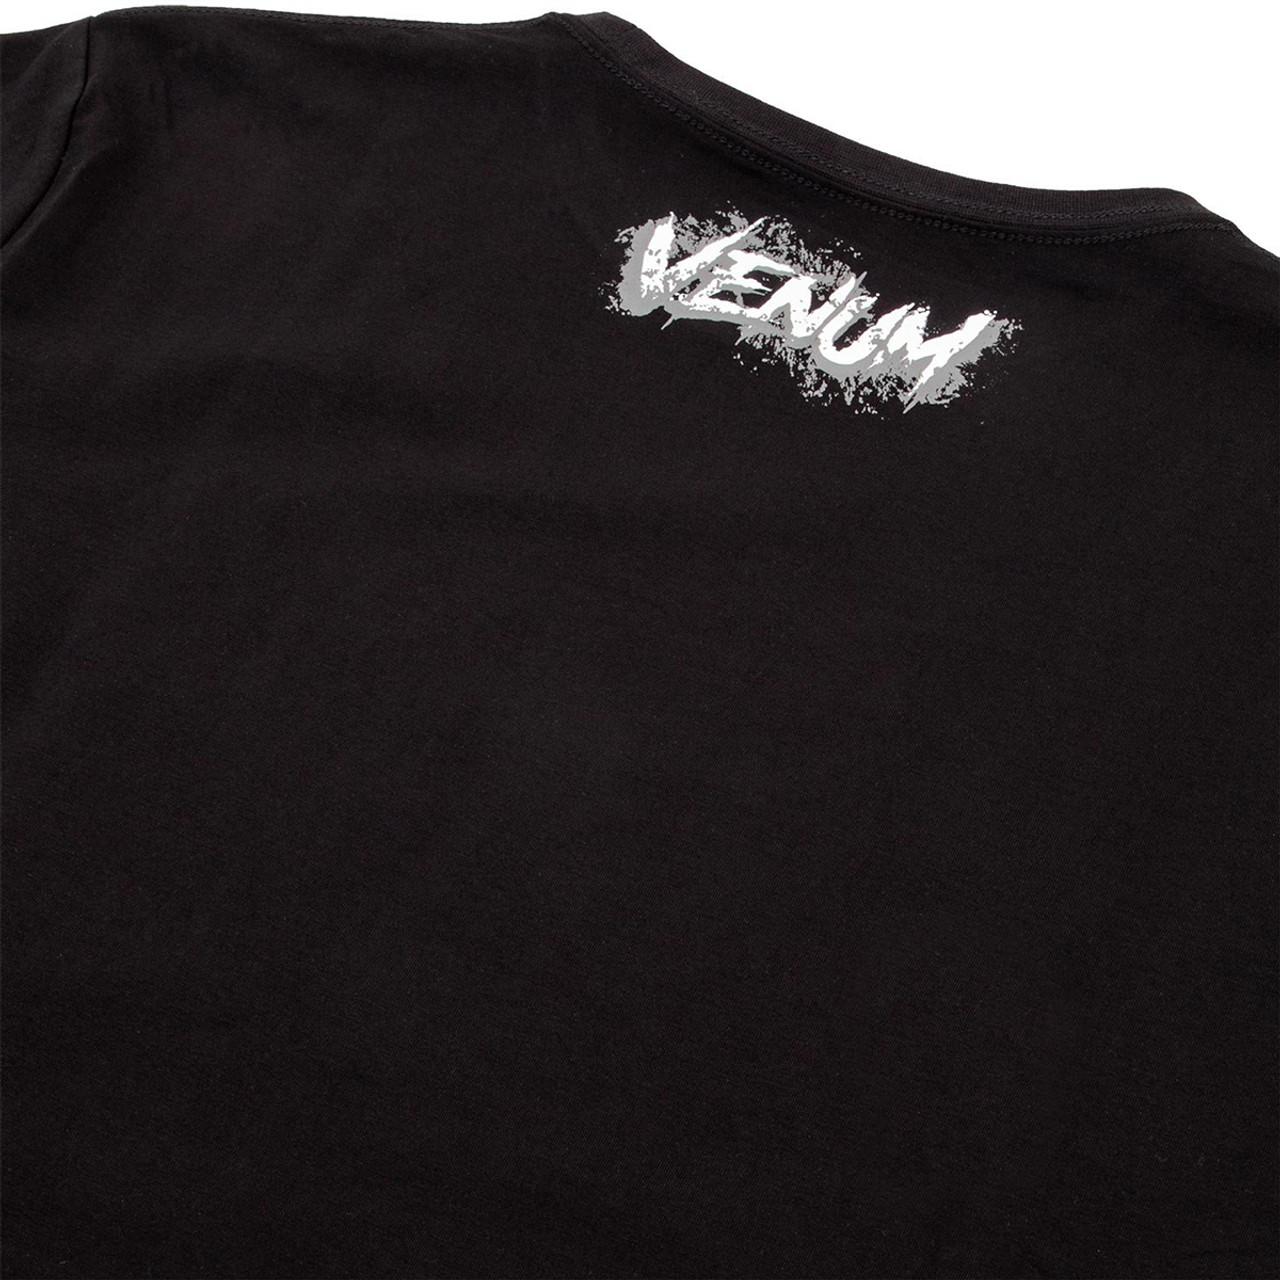 Black//White Venum Minotaur Crewneck T-Shirt